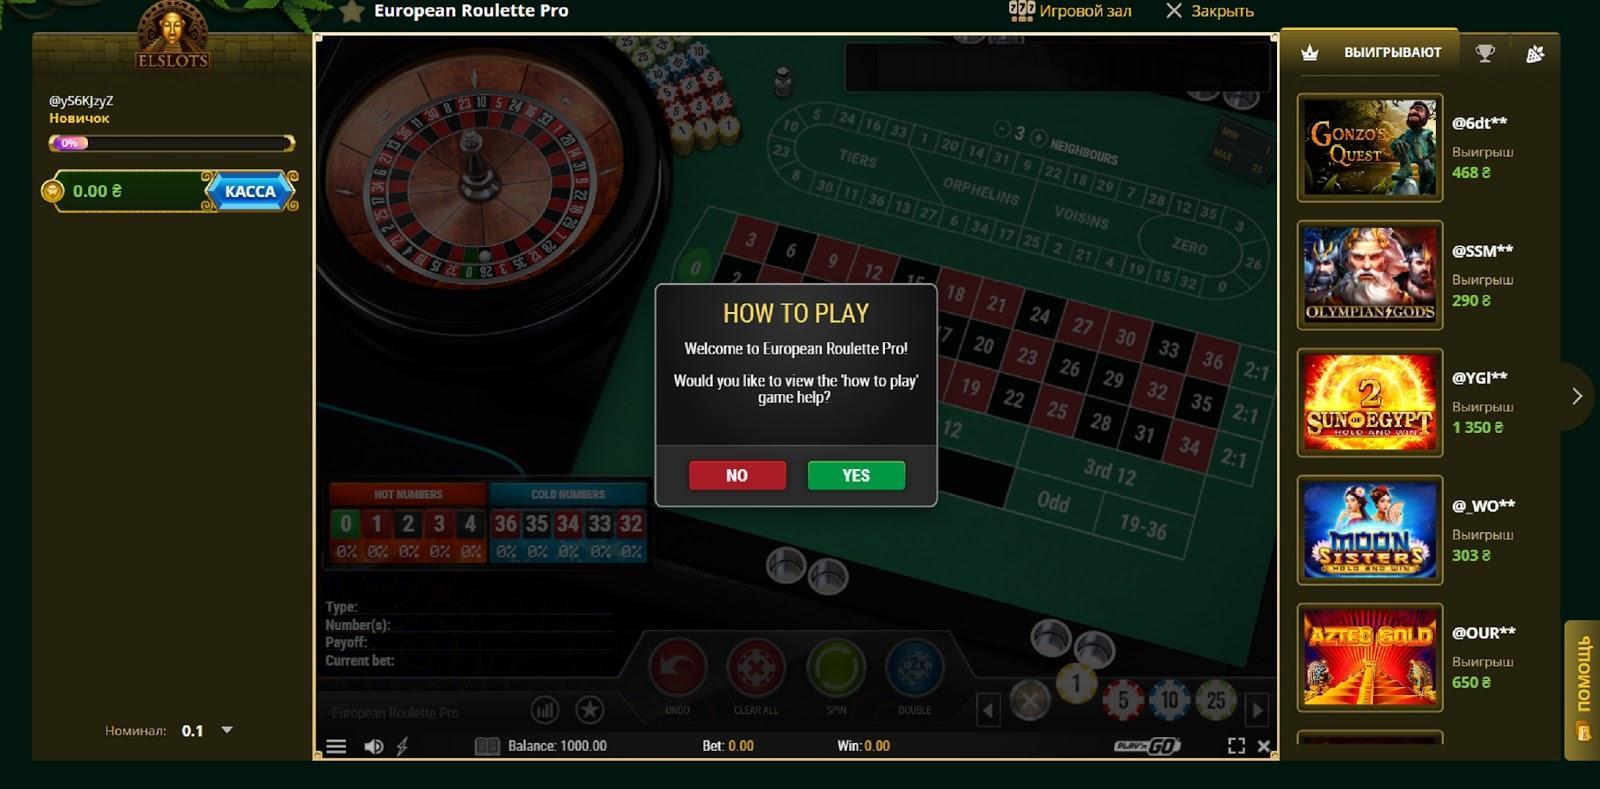 играть в рулетку на бездеп, казино Эльслотс, игровые автоматы, интернет-казино